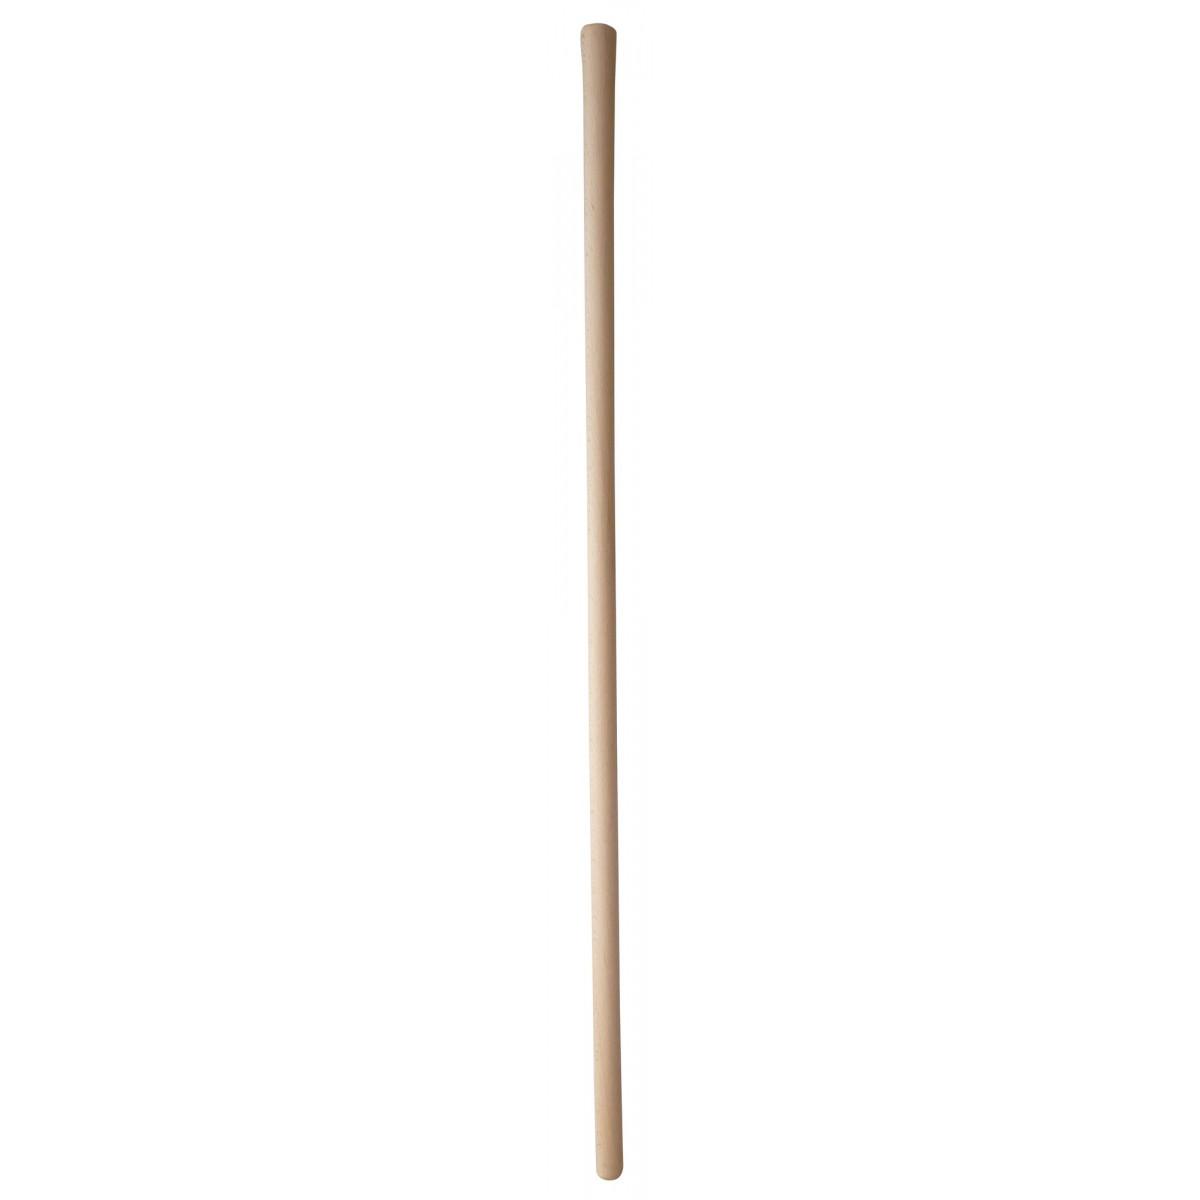 Manche bois Cap Vert - Serfouette - Diamètre 35 mm - Longueur 1,1 m